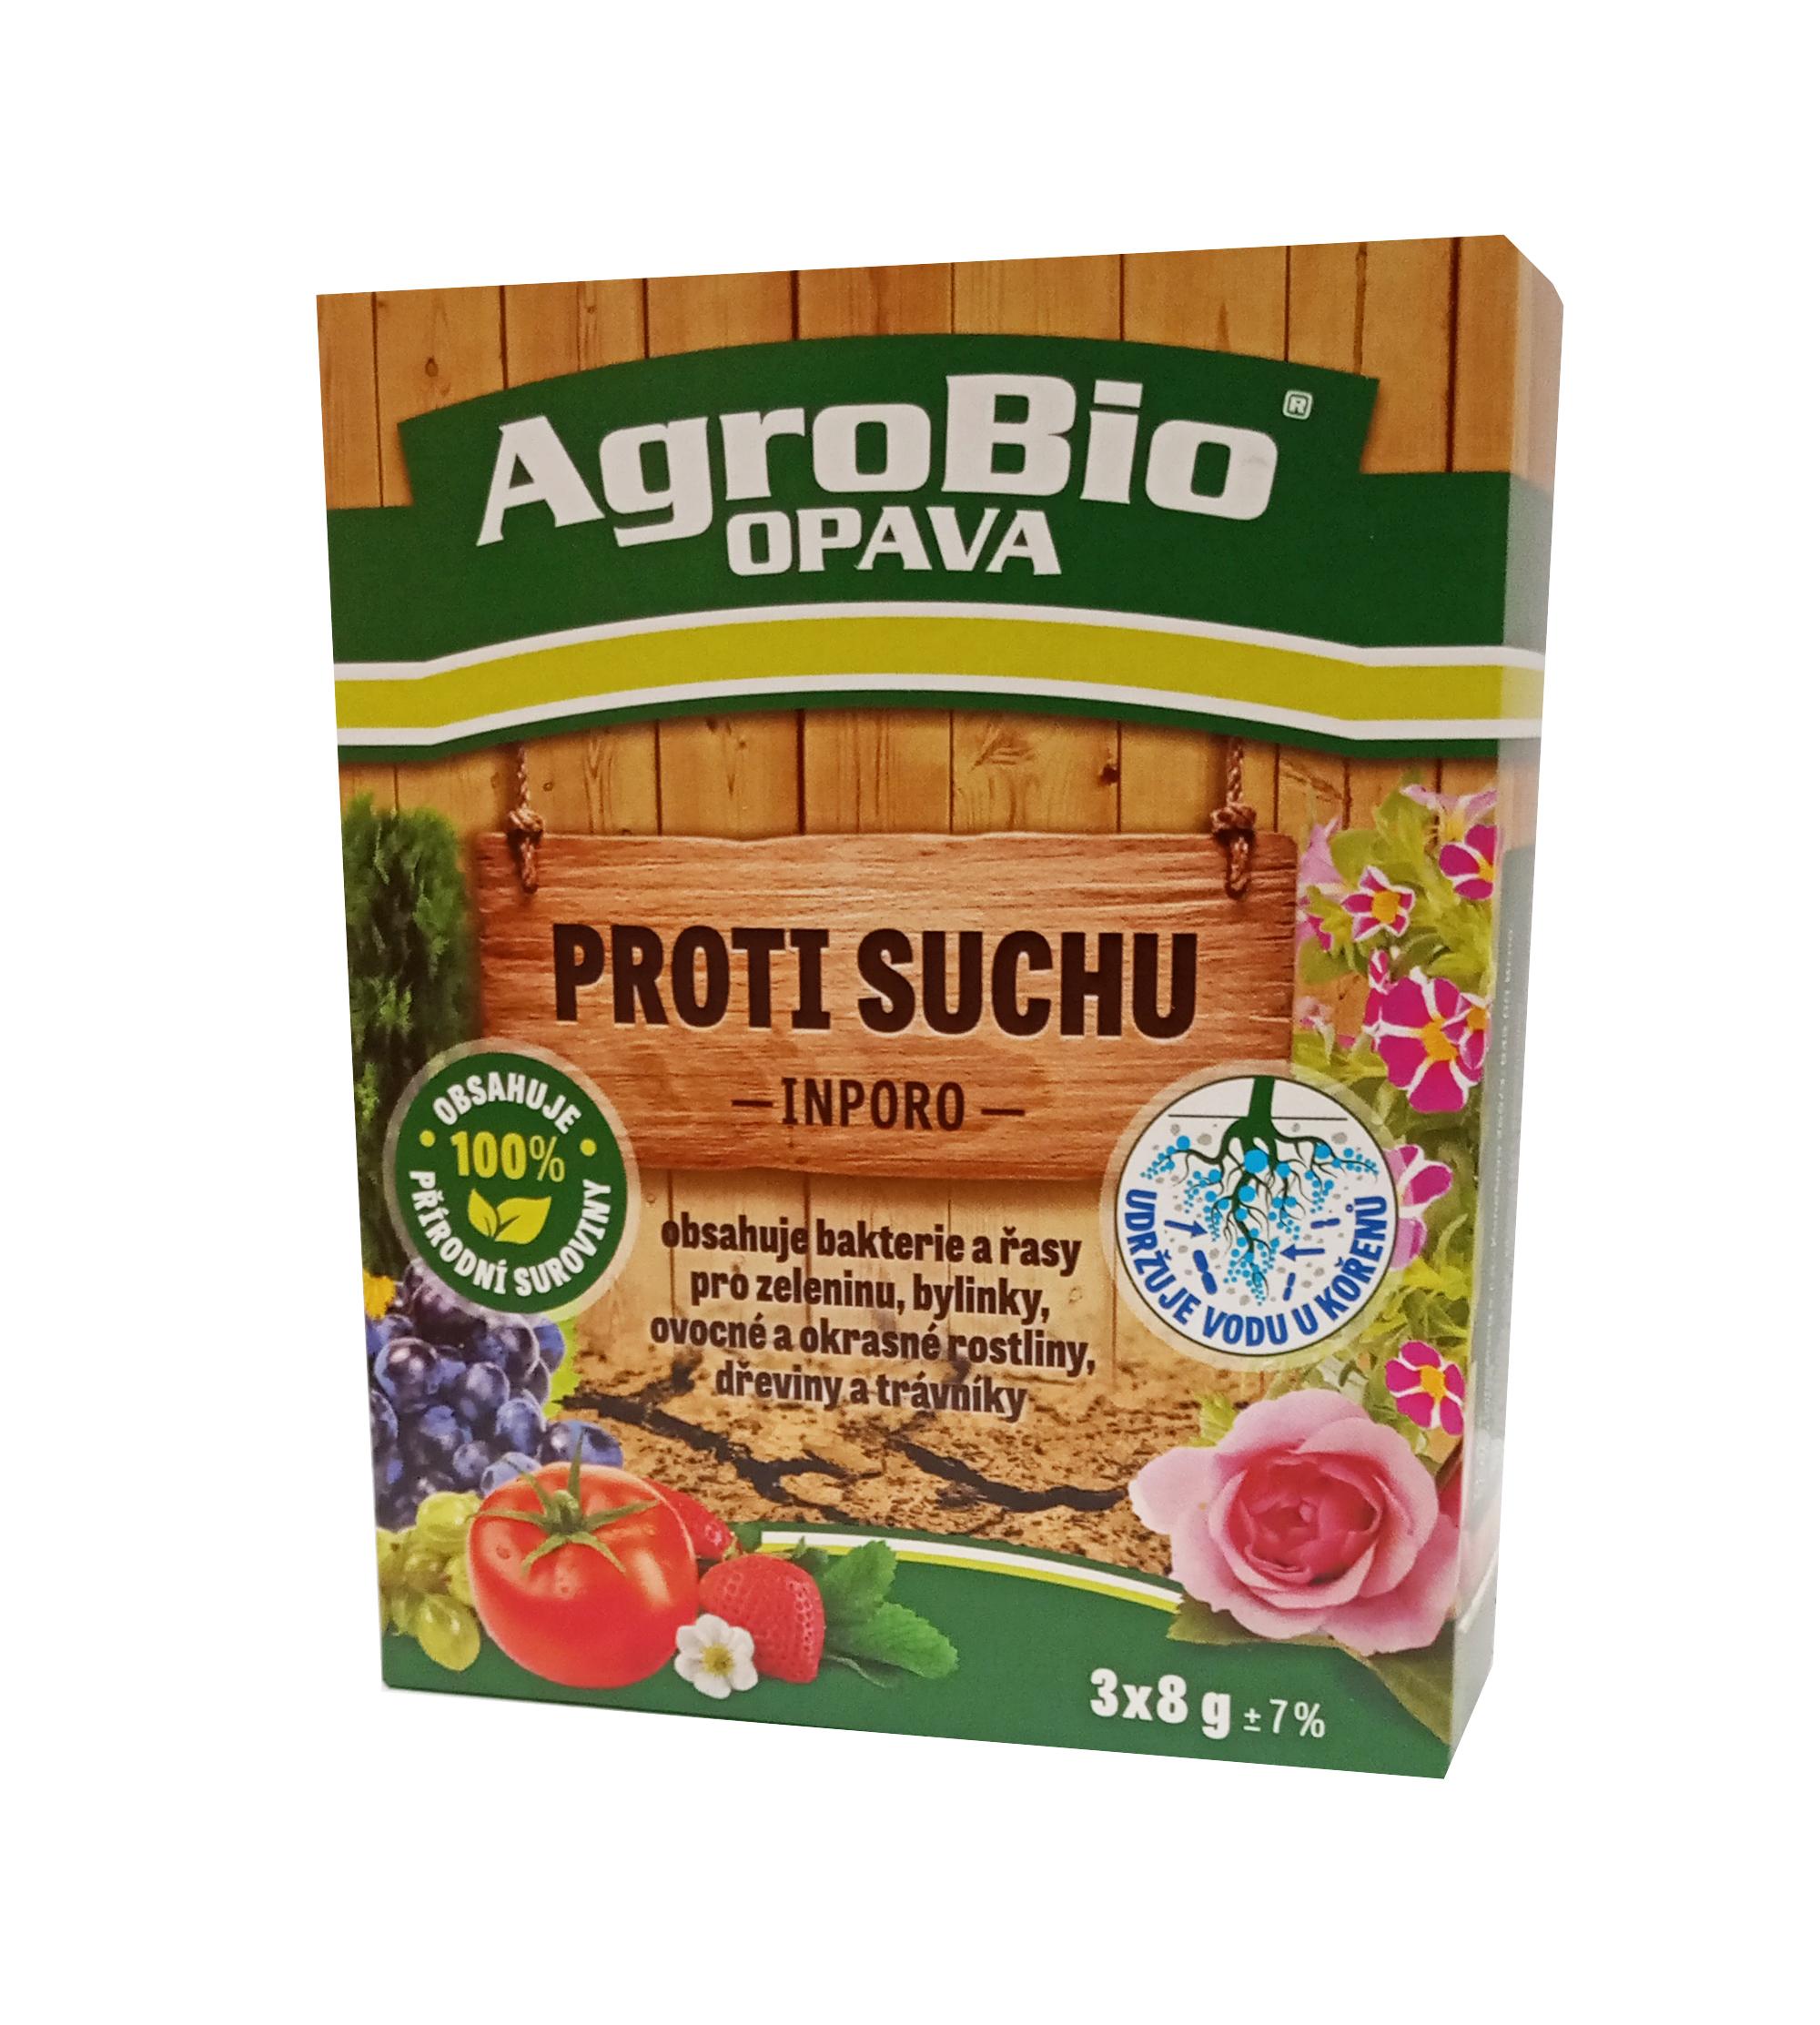 AgroBio Proti suchu 3 x 8g (INPORO)